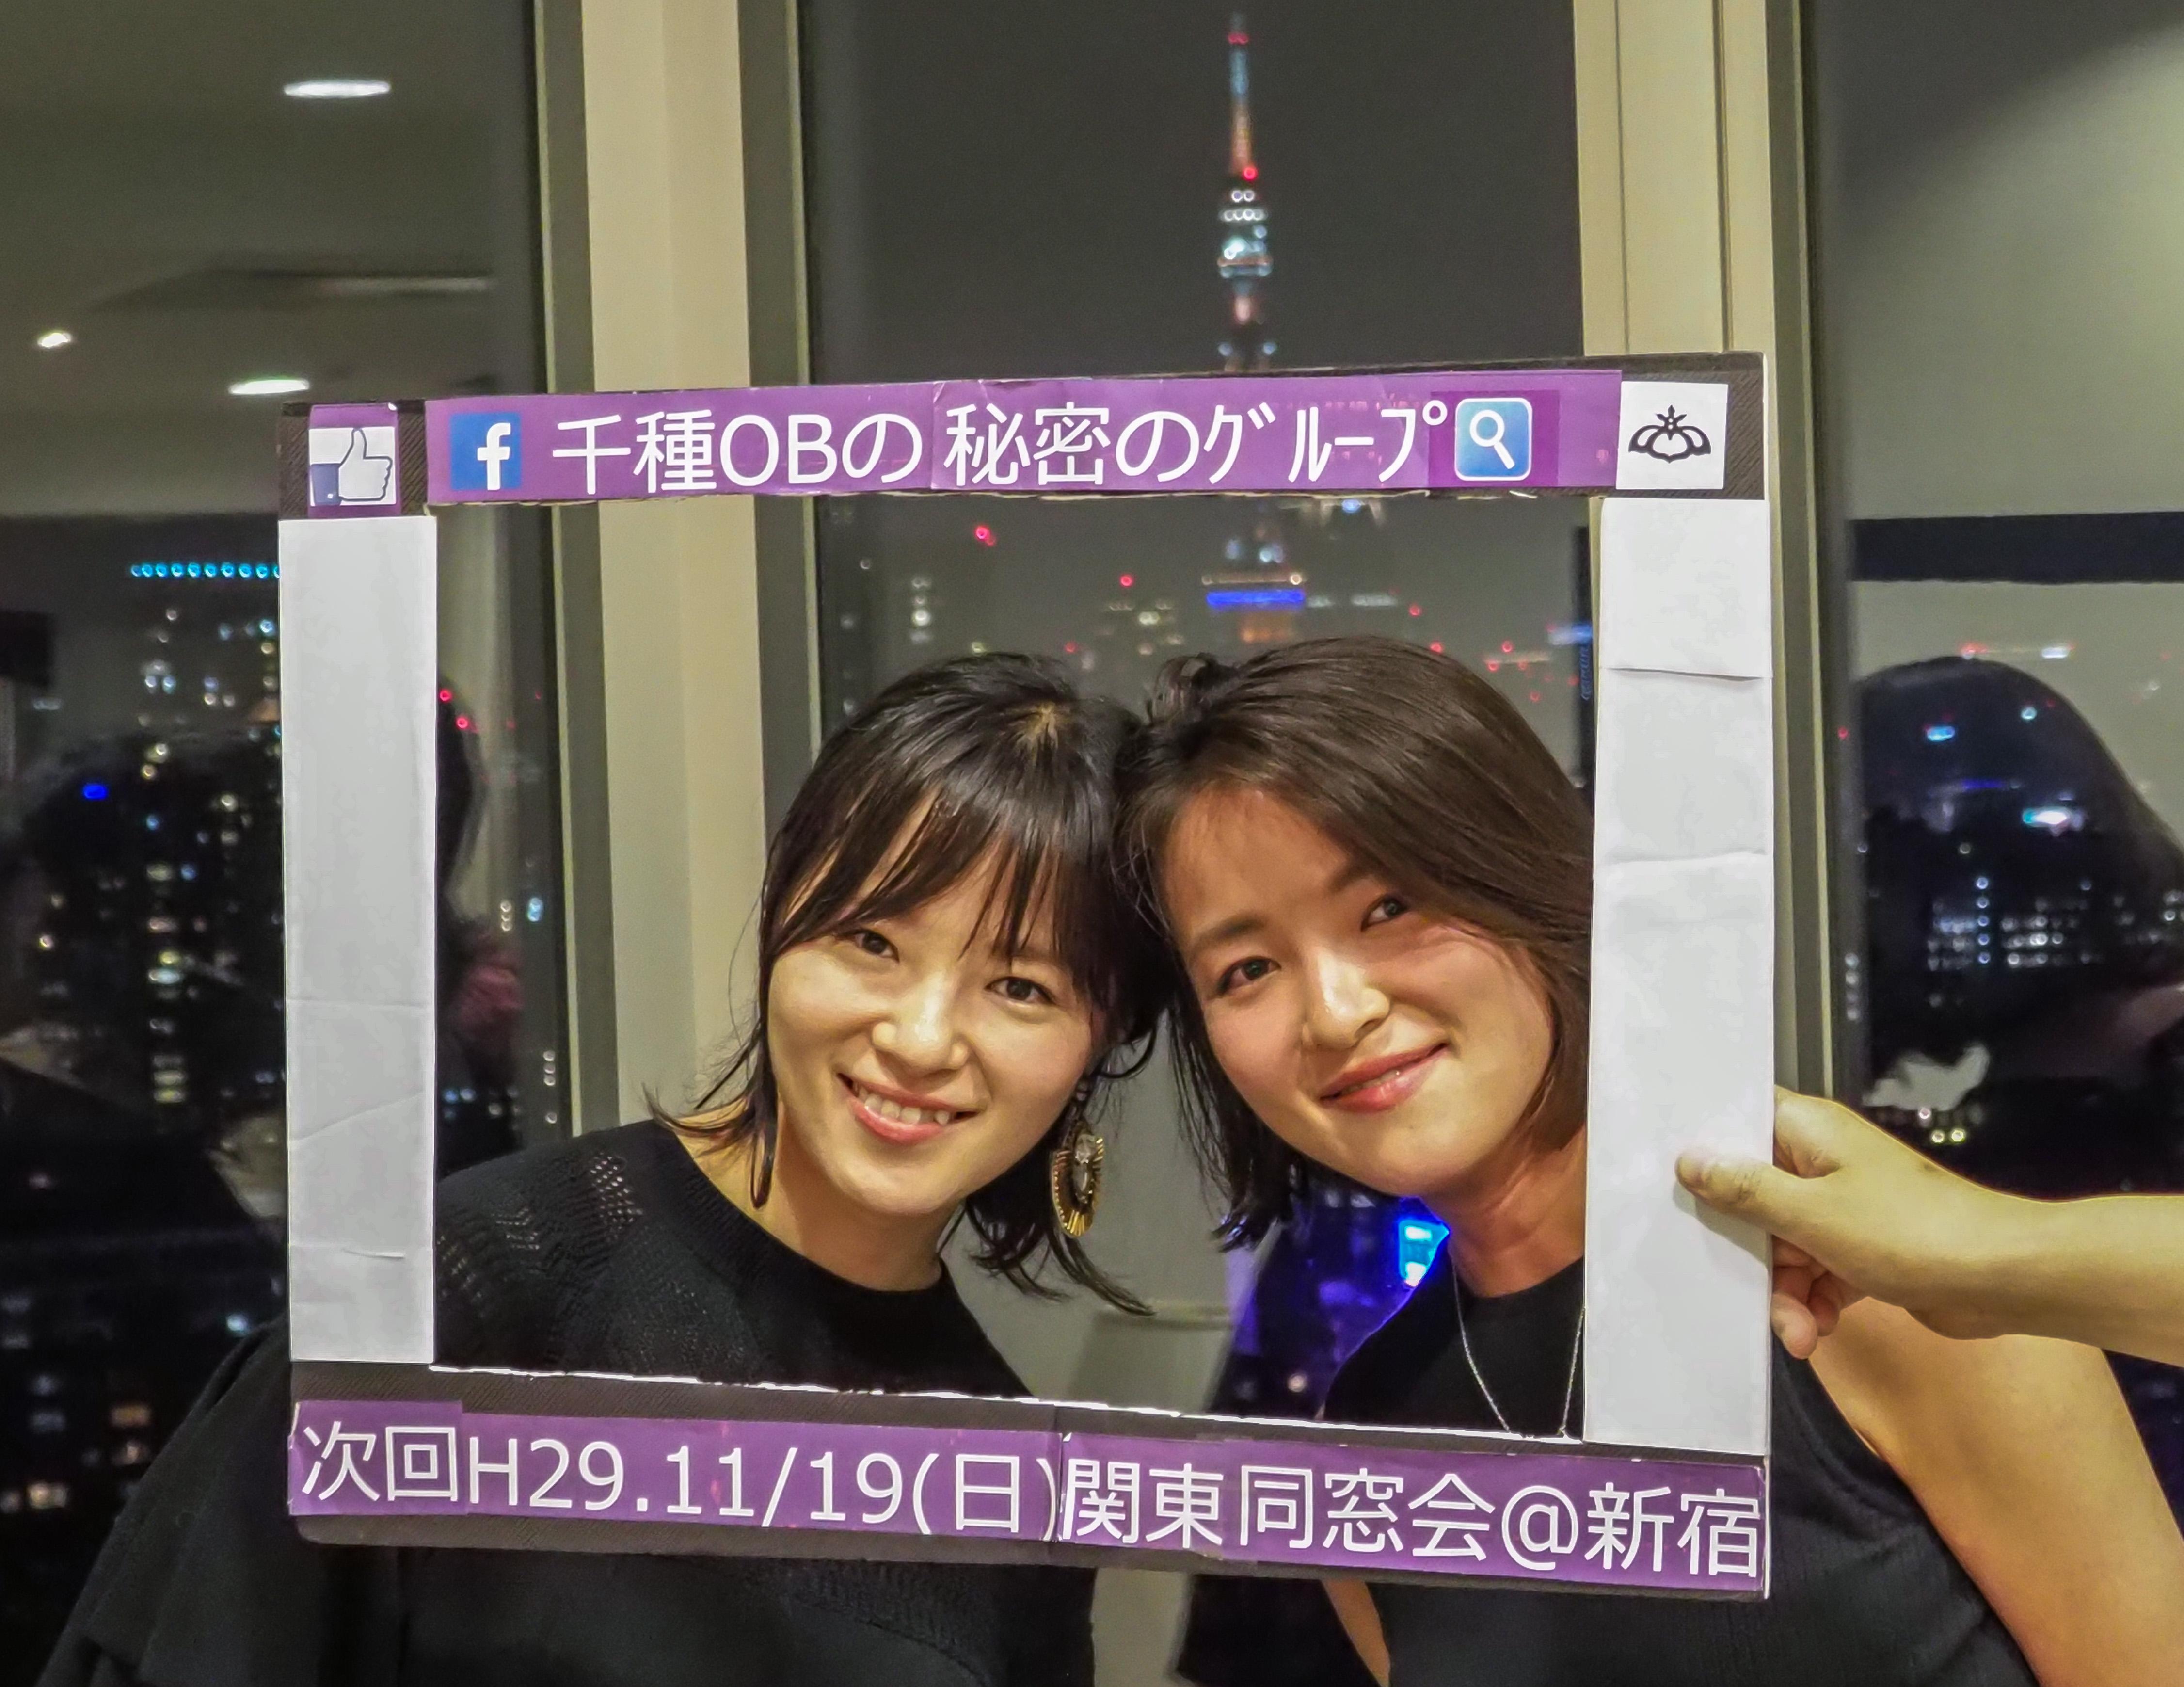 平澤彩さん(姉)と平澤梢さん(妹)5